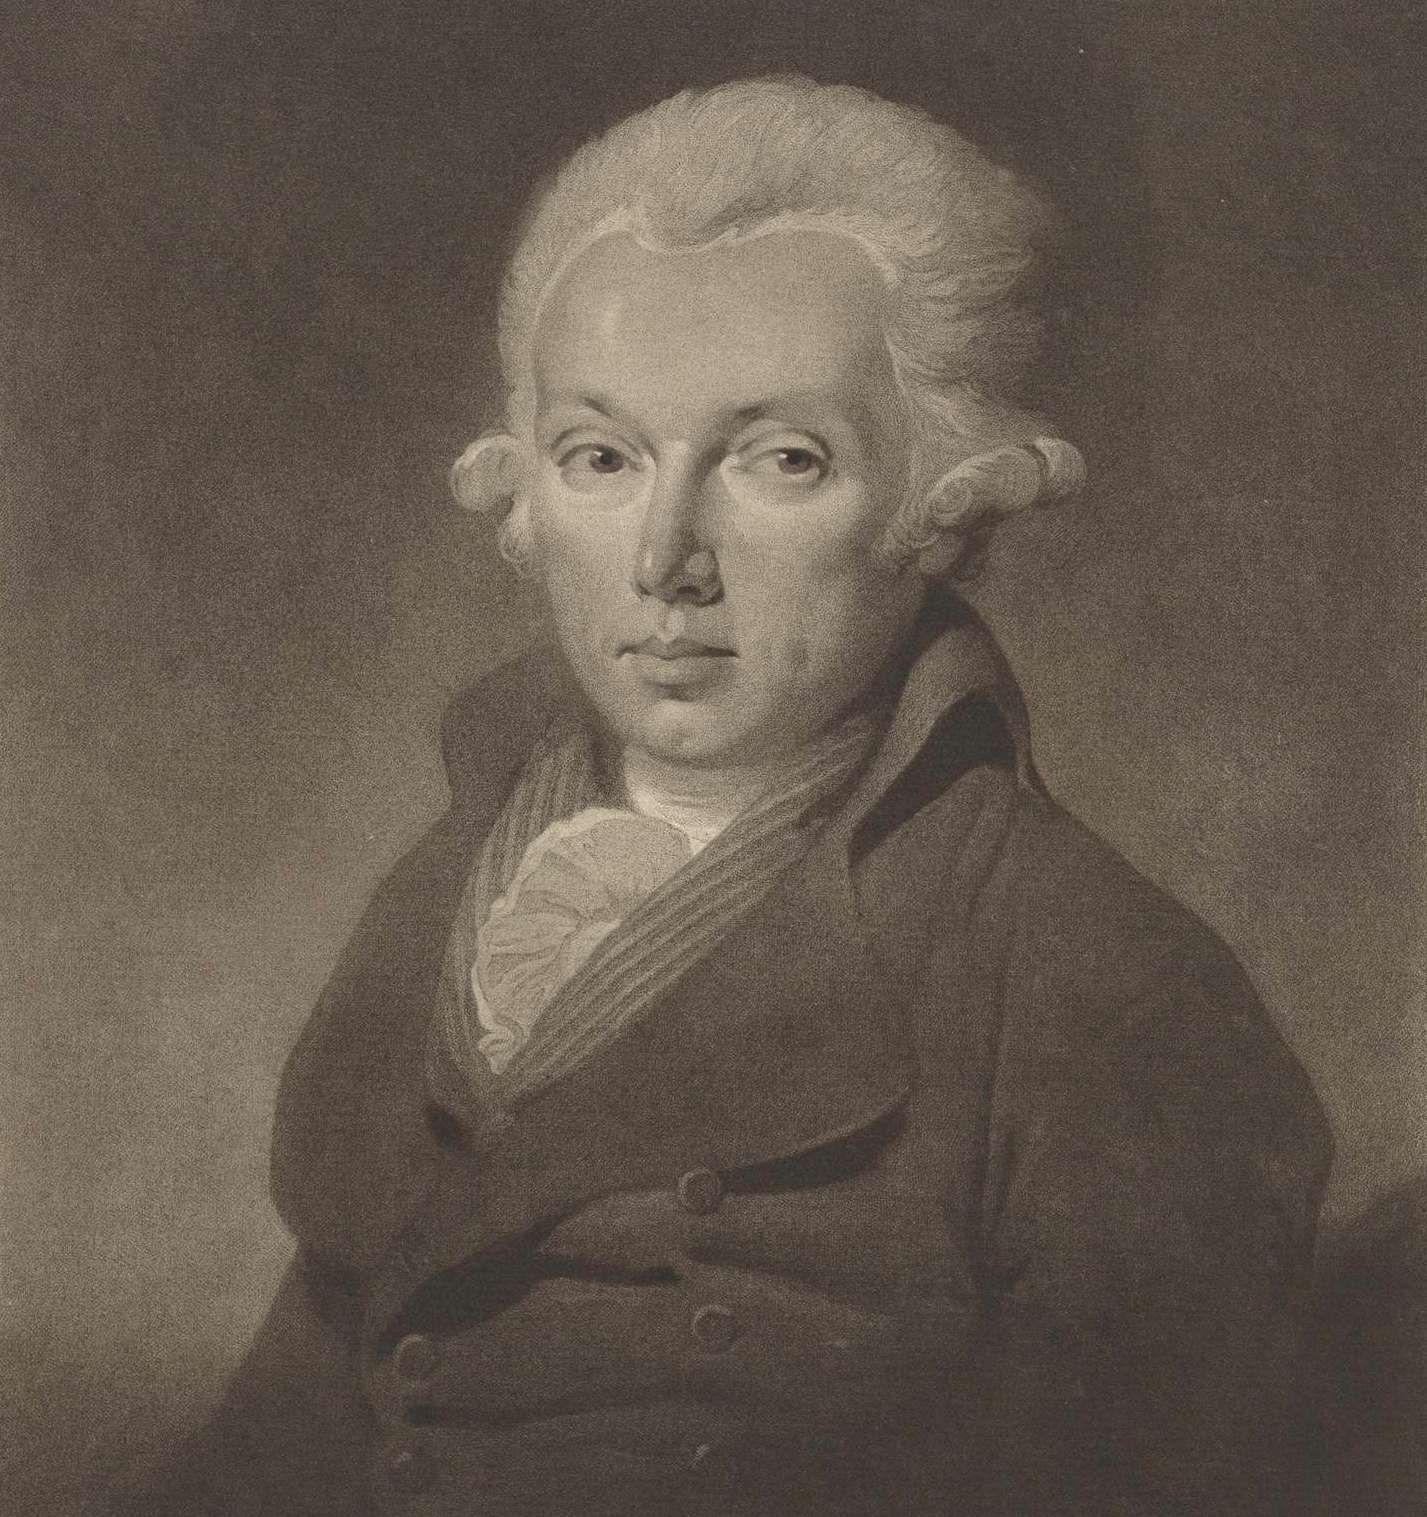 Pieter Paulus. Portret door Charles Howard Hodges, 1796. (Rijksmuseum)